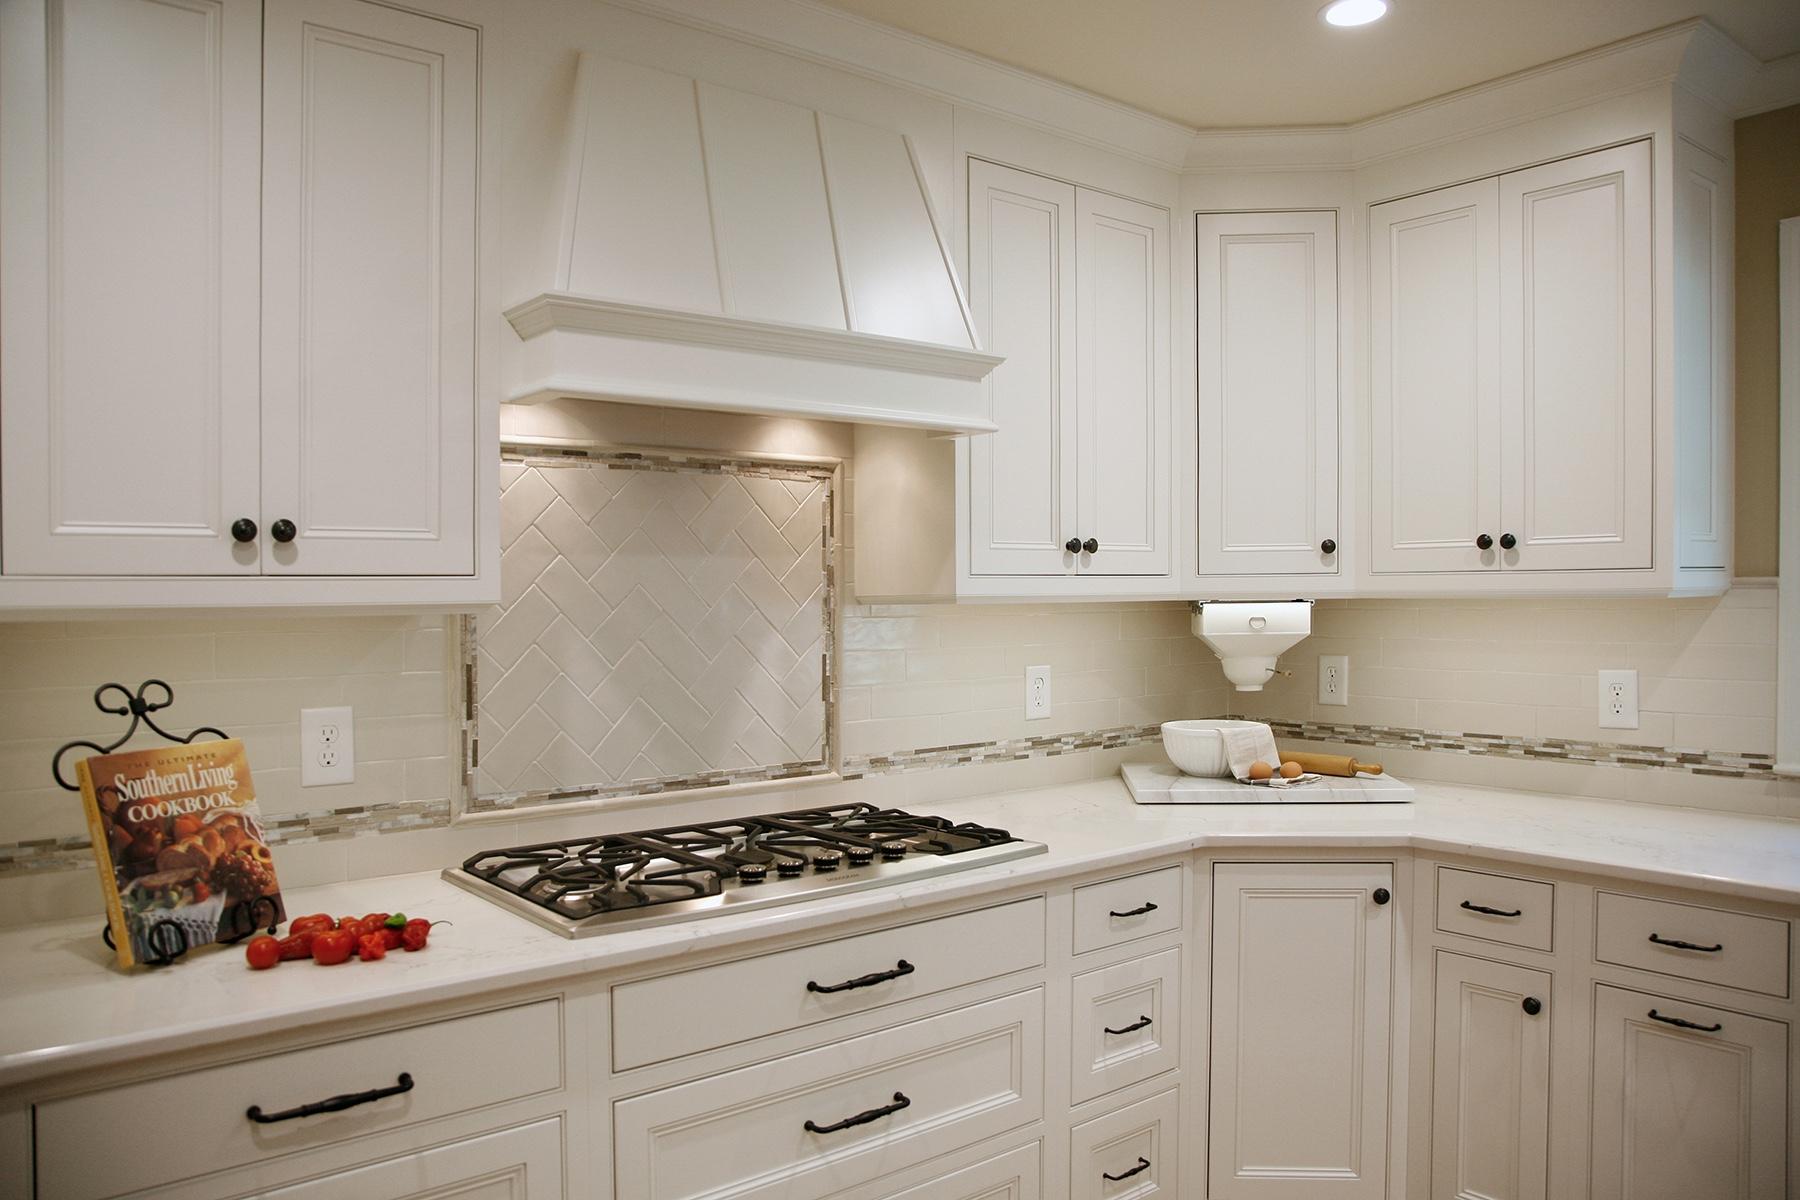 Lr_kitchen_stove_8845